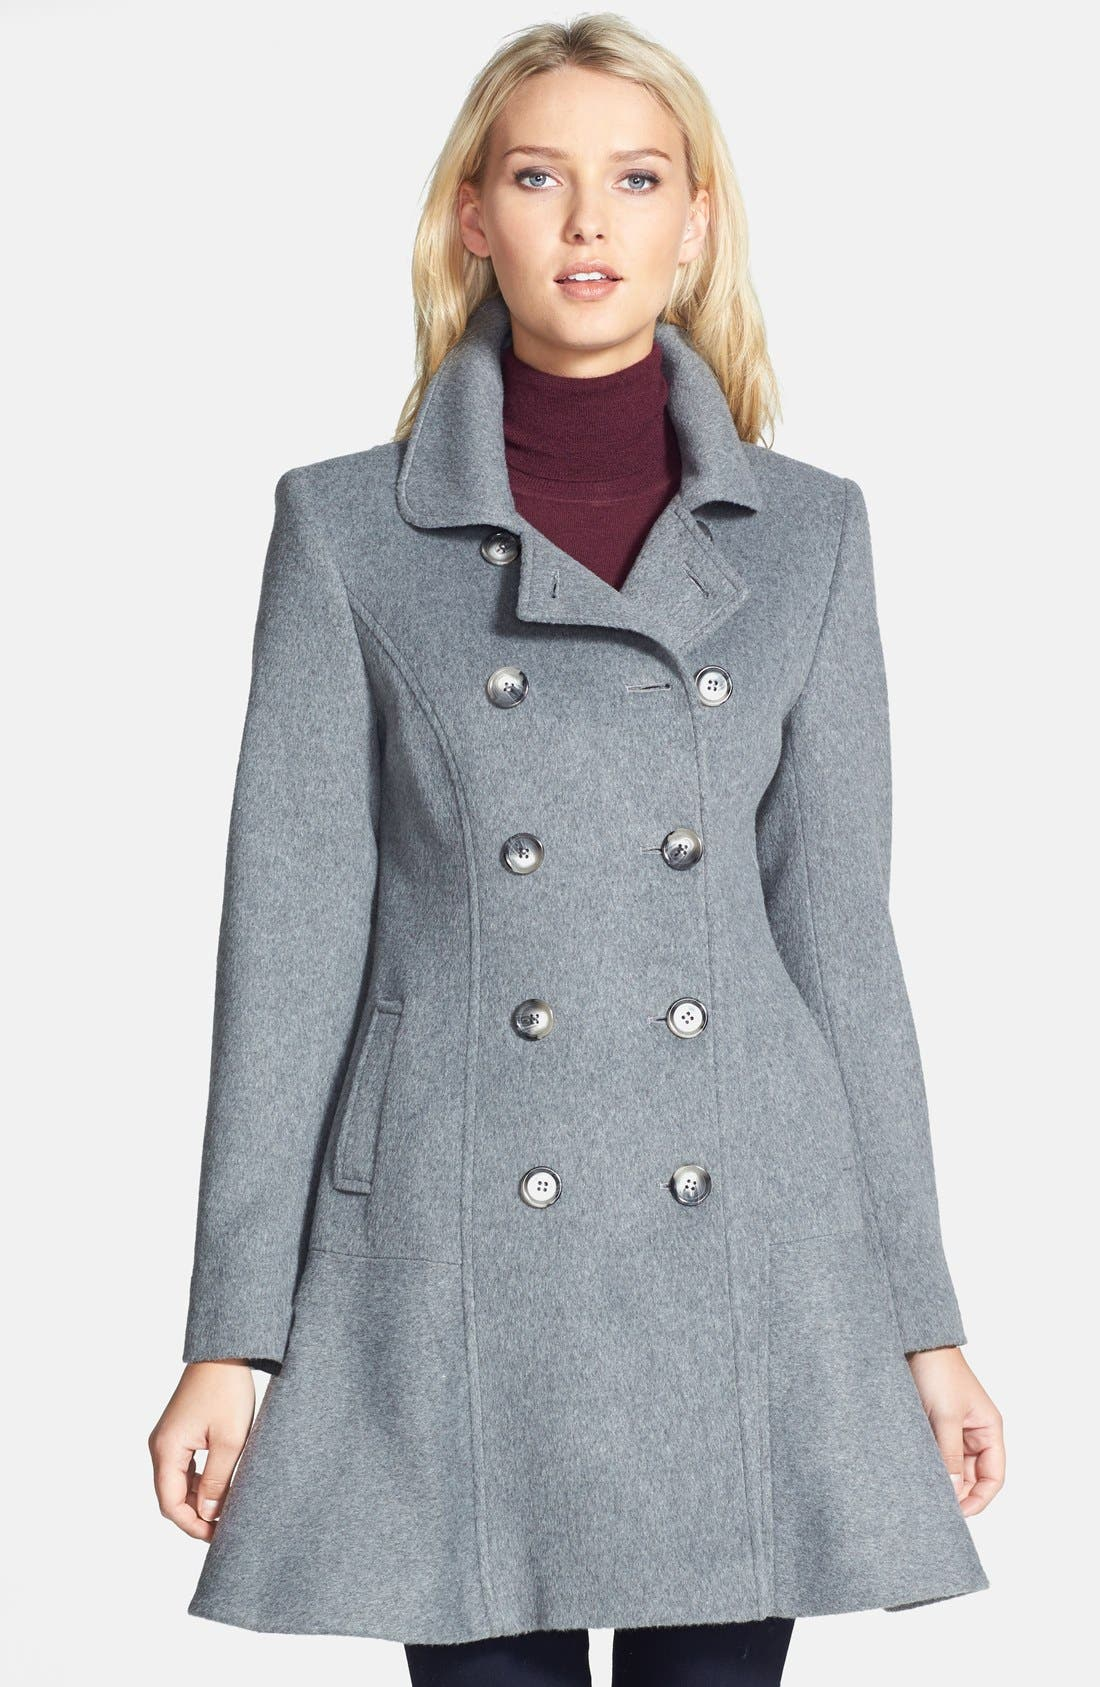 Main Image - Helene Berman Double Breasted Flare Skirt Coat